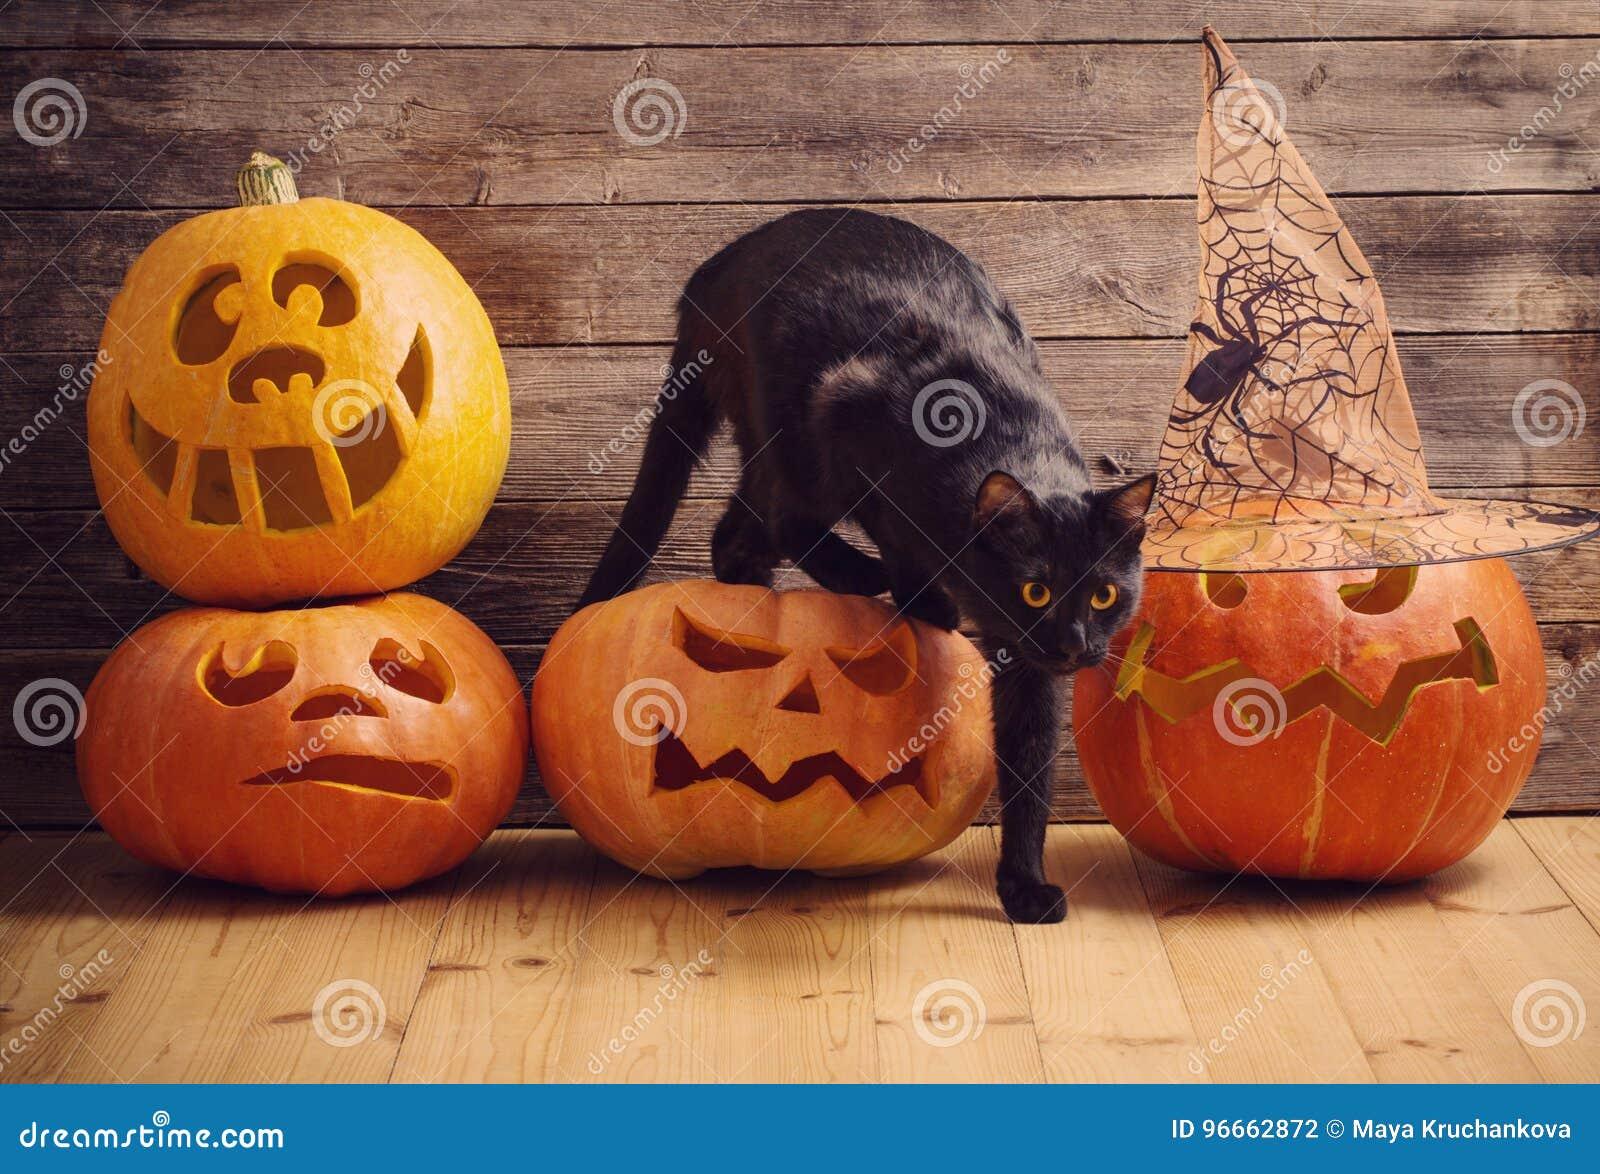 Zucca Halloween Gatto.Gatto Nero Con La Zucca Arancio Di Halloween Fotografia Stock